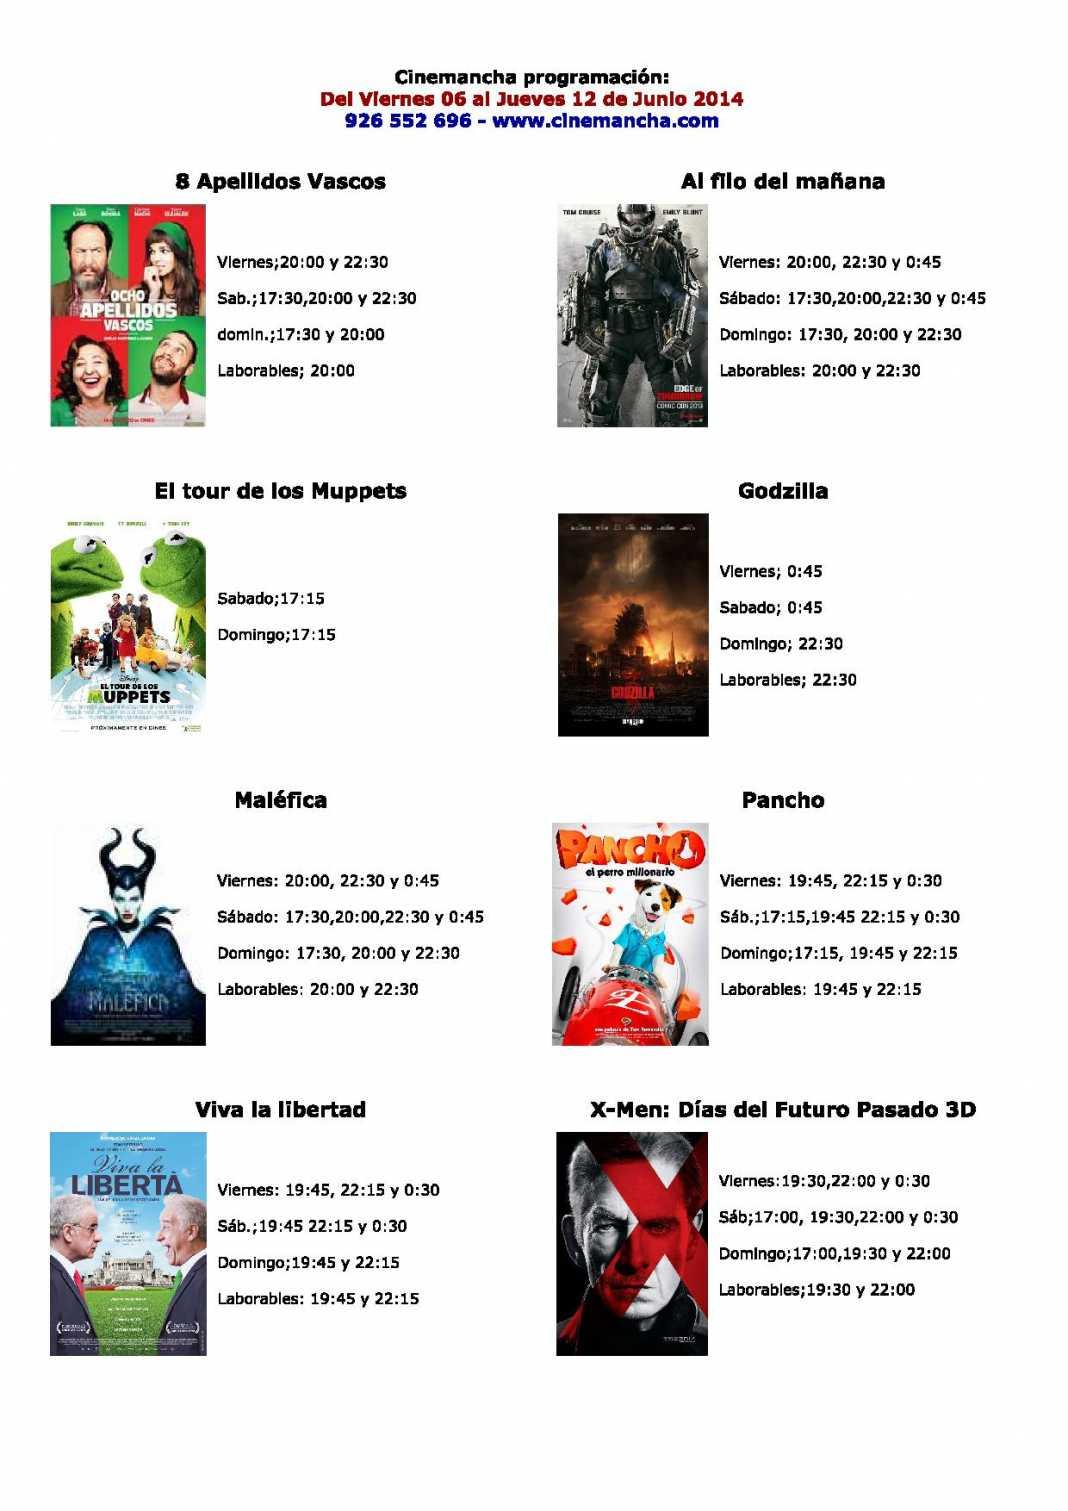 cartelera de cinemancha ... jueves 12 de junio 1068x1511 - Cinemancha programación: Del Viernes 06 al Jueves 12 de Junio 2014